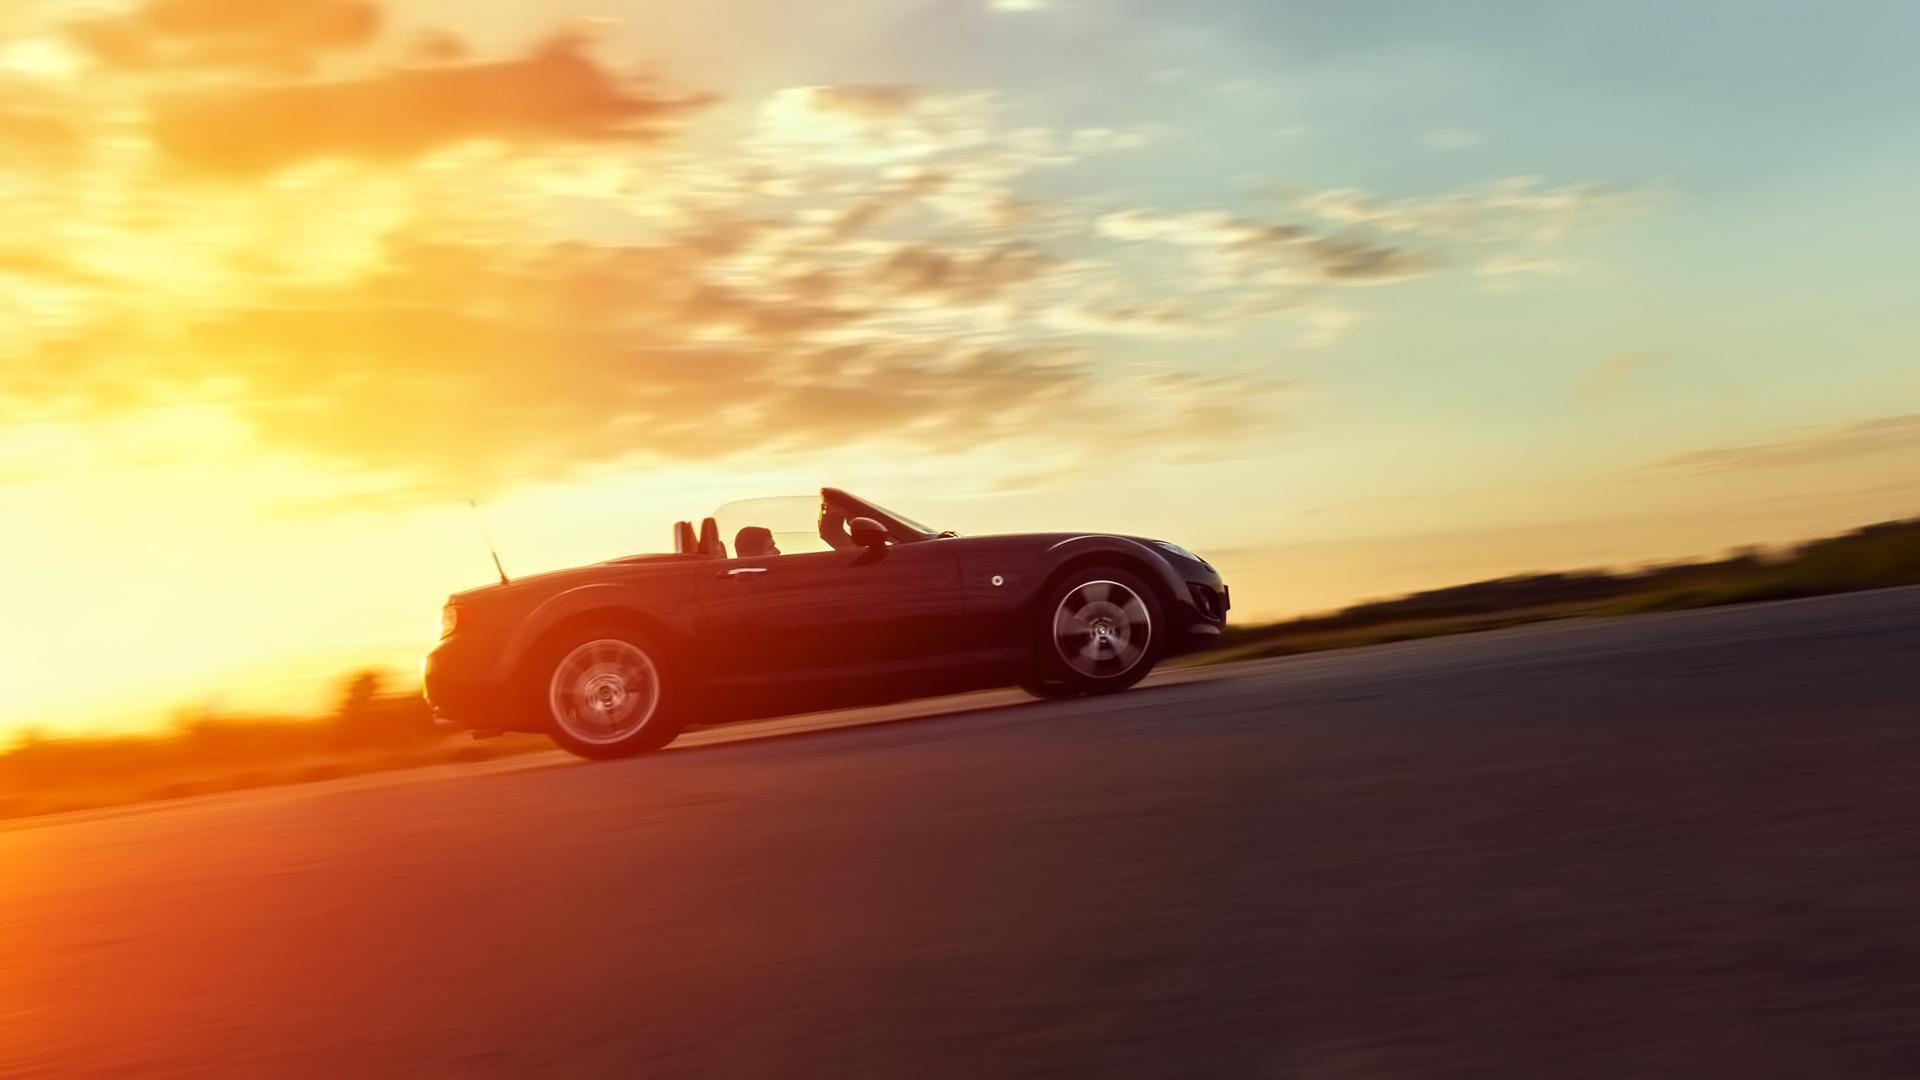 Sunset trackday photo